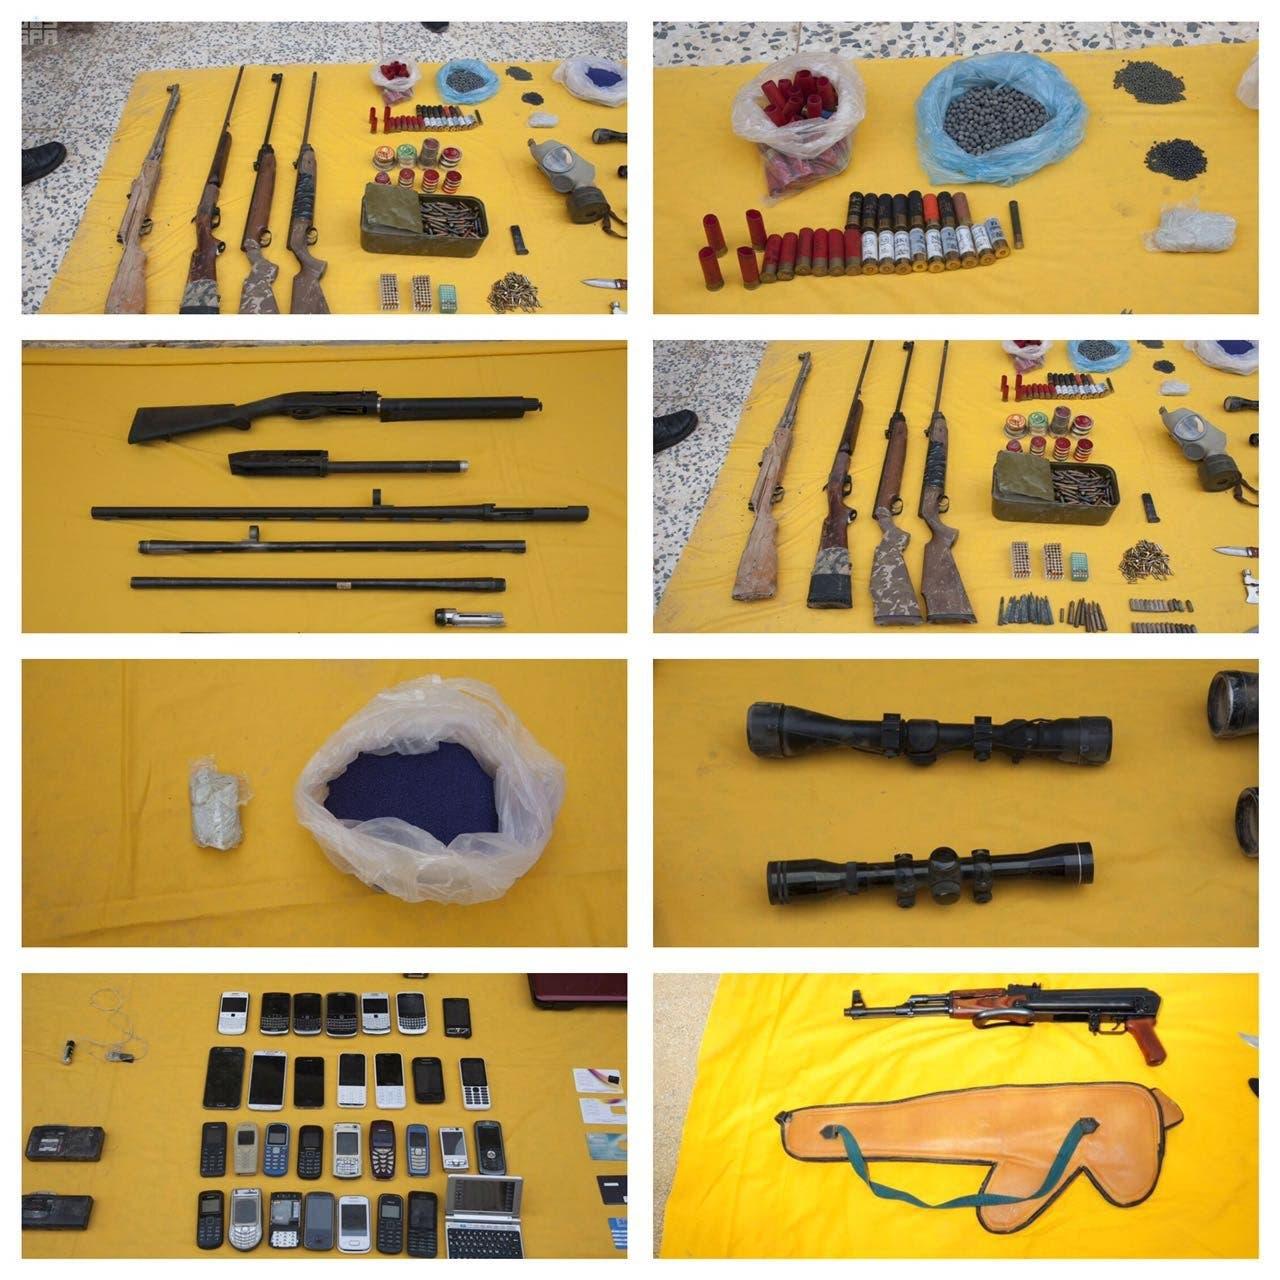 الأسلحة التي تم ضبطها مع الخلية التي تم تفكيكها الخميس بالسعودية